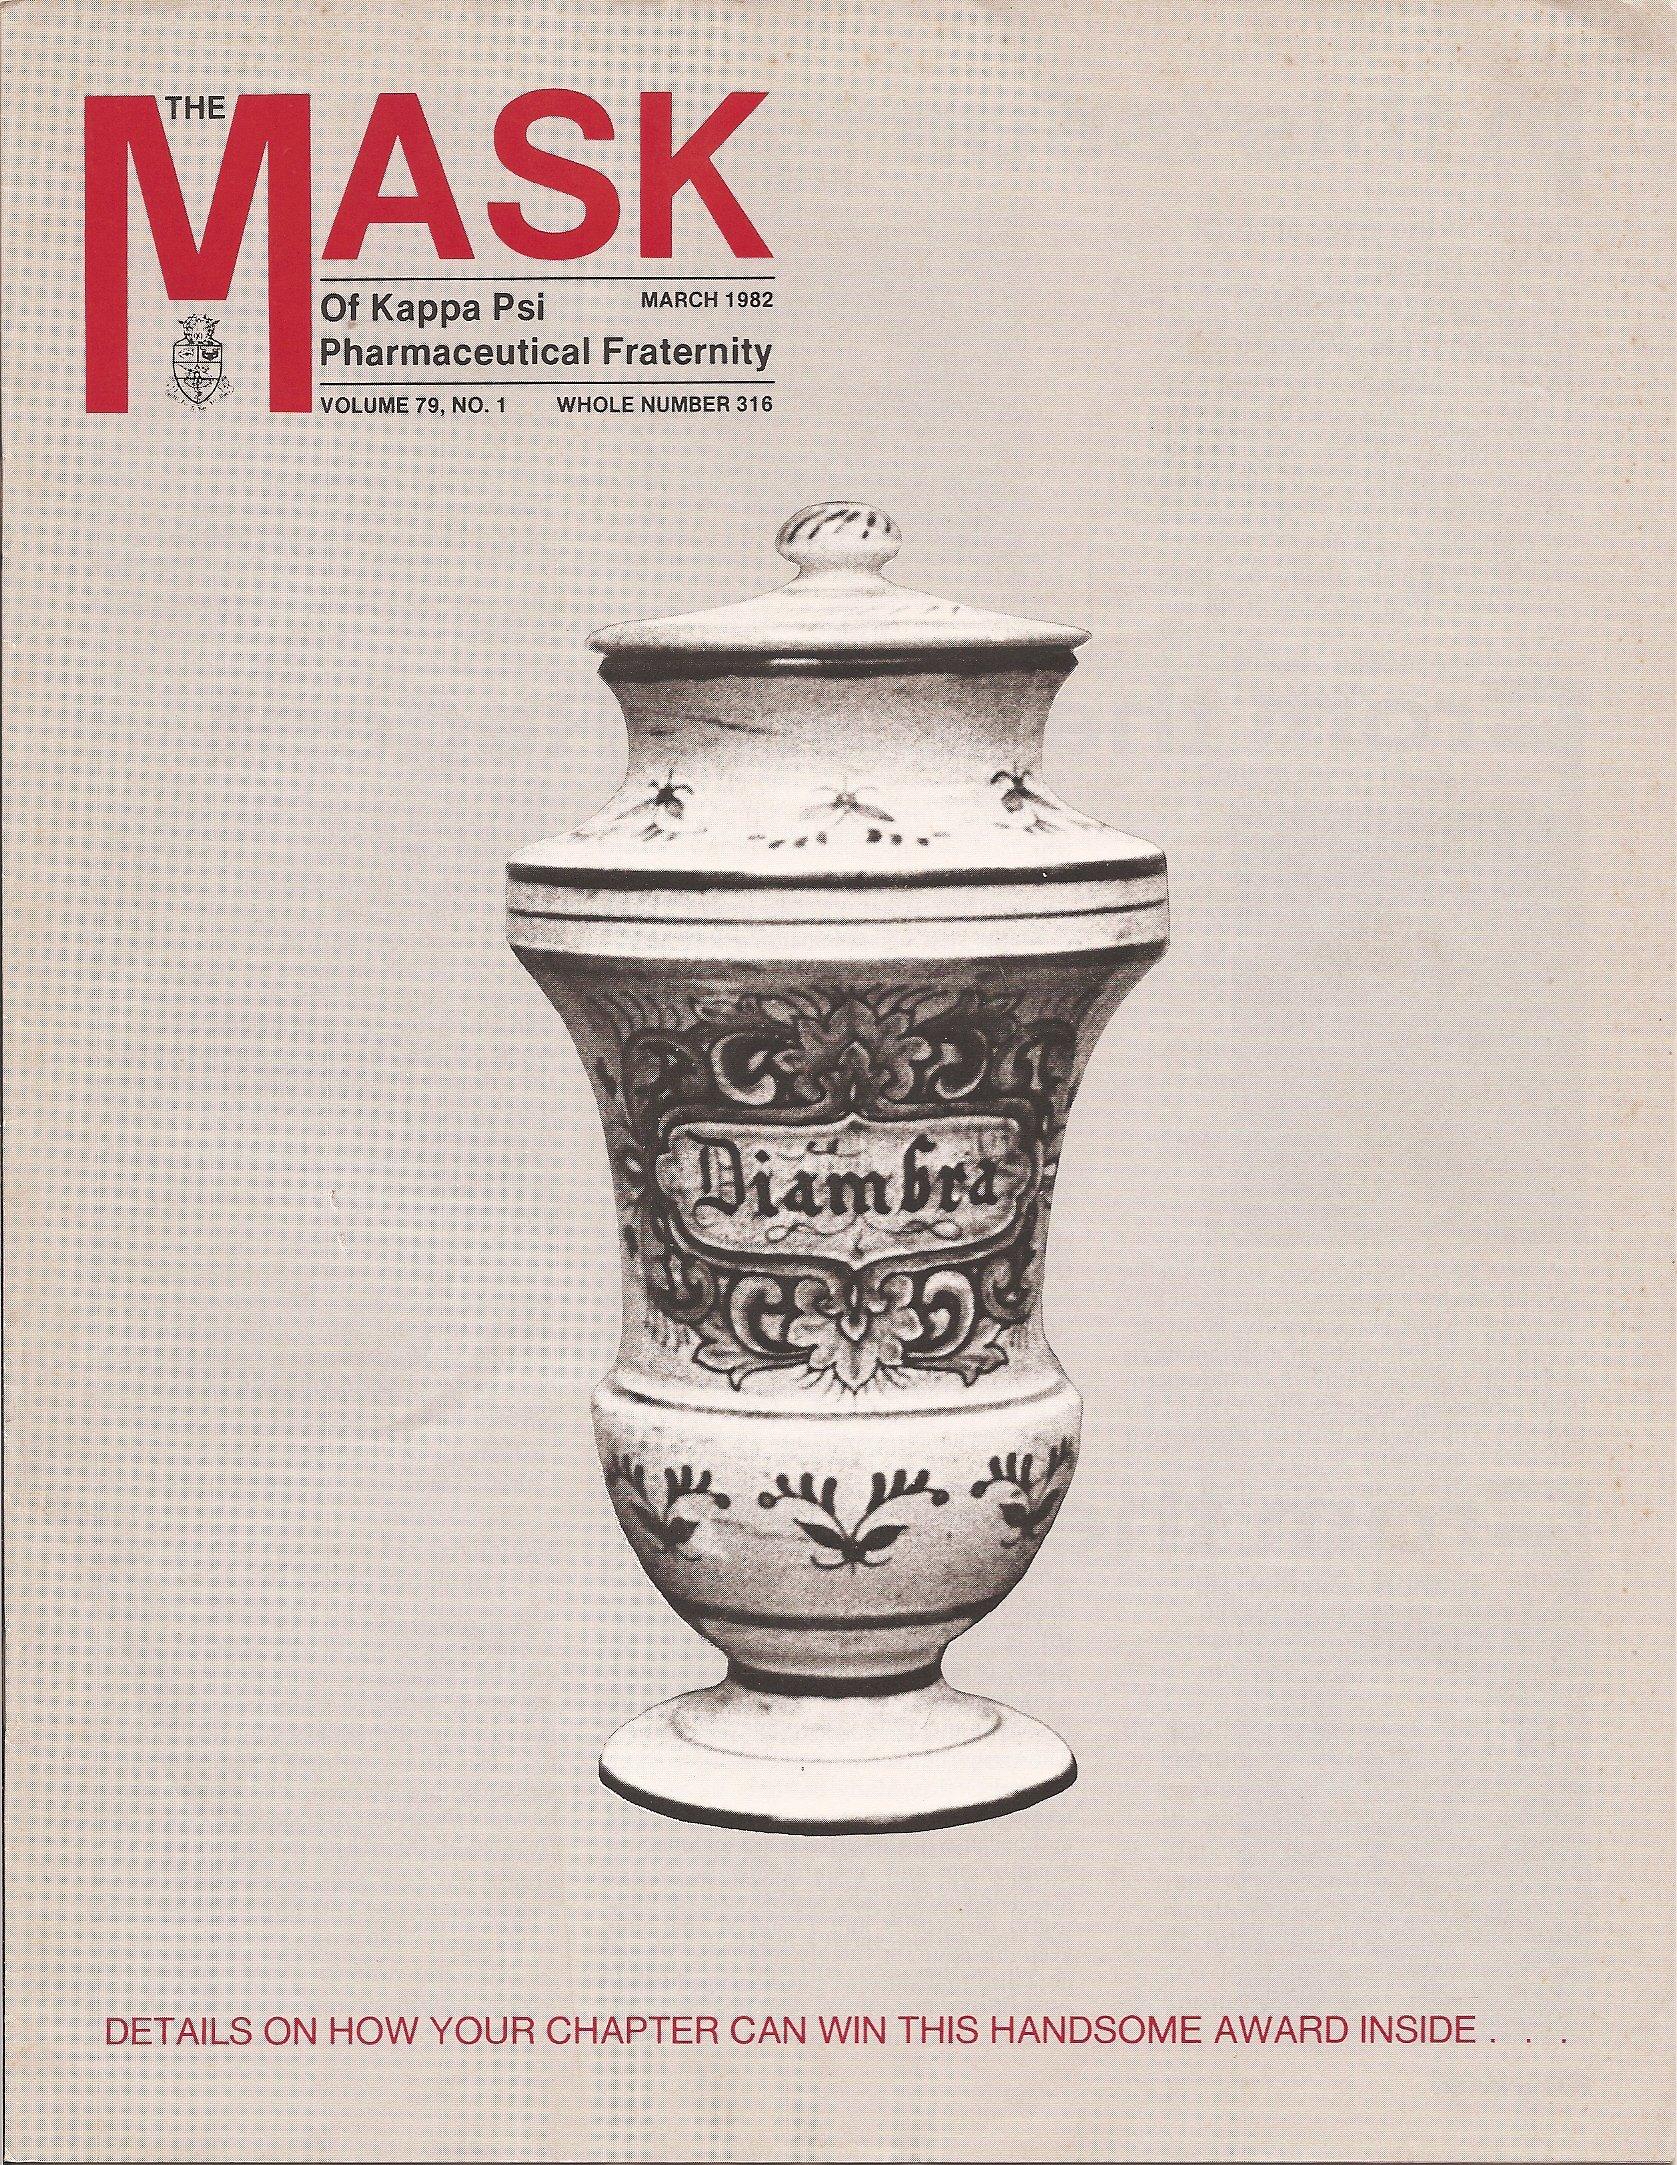 mask_cover_03_1982.jpg